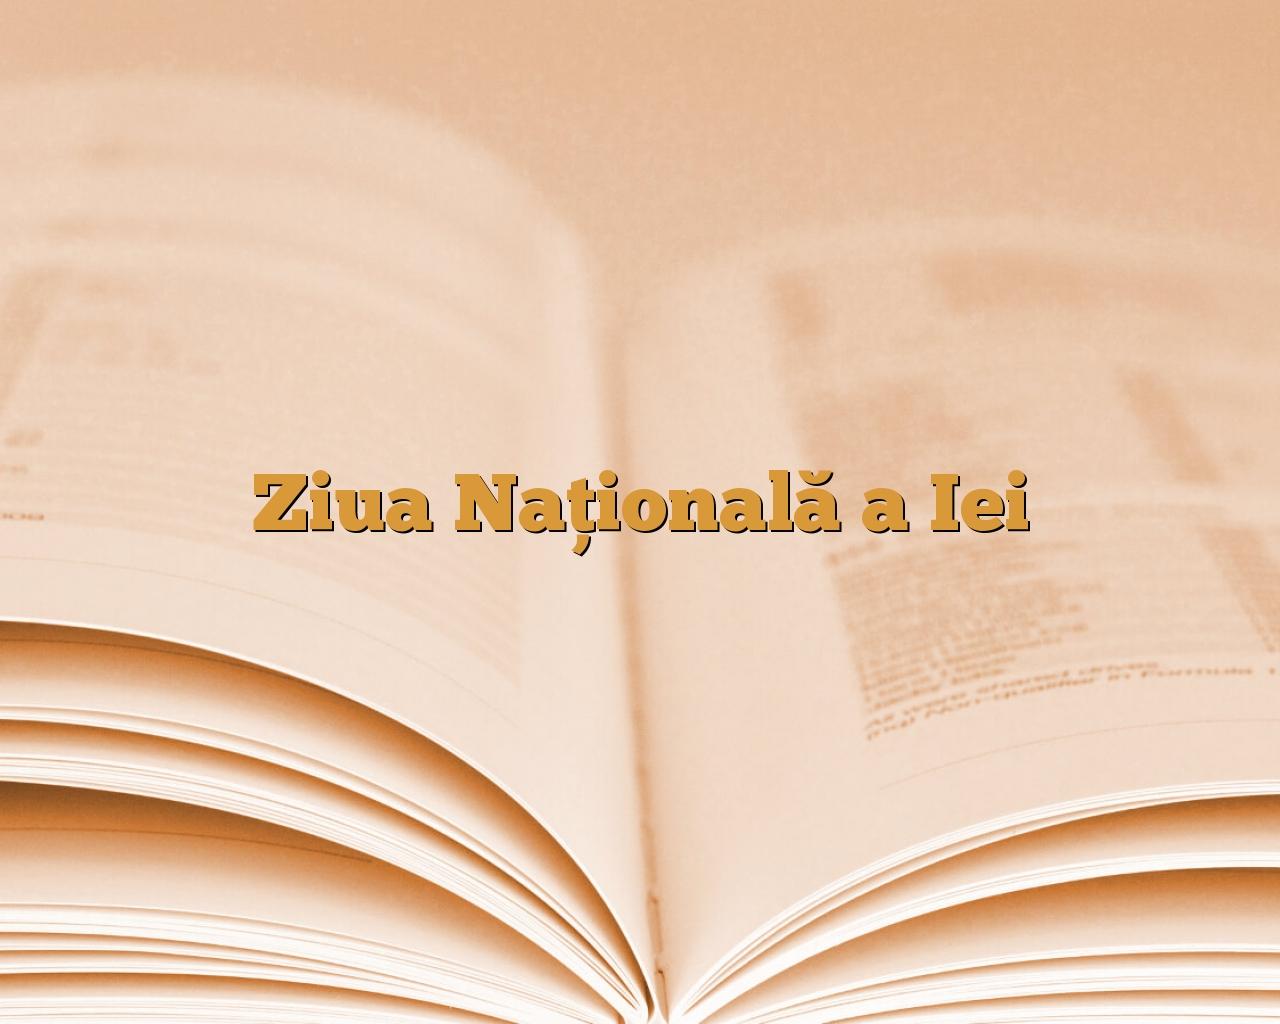 ziua națională a iei anideșcoală ro